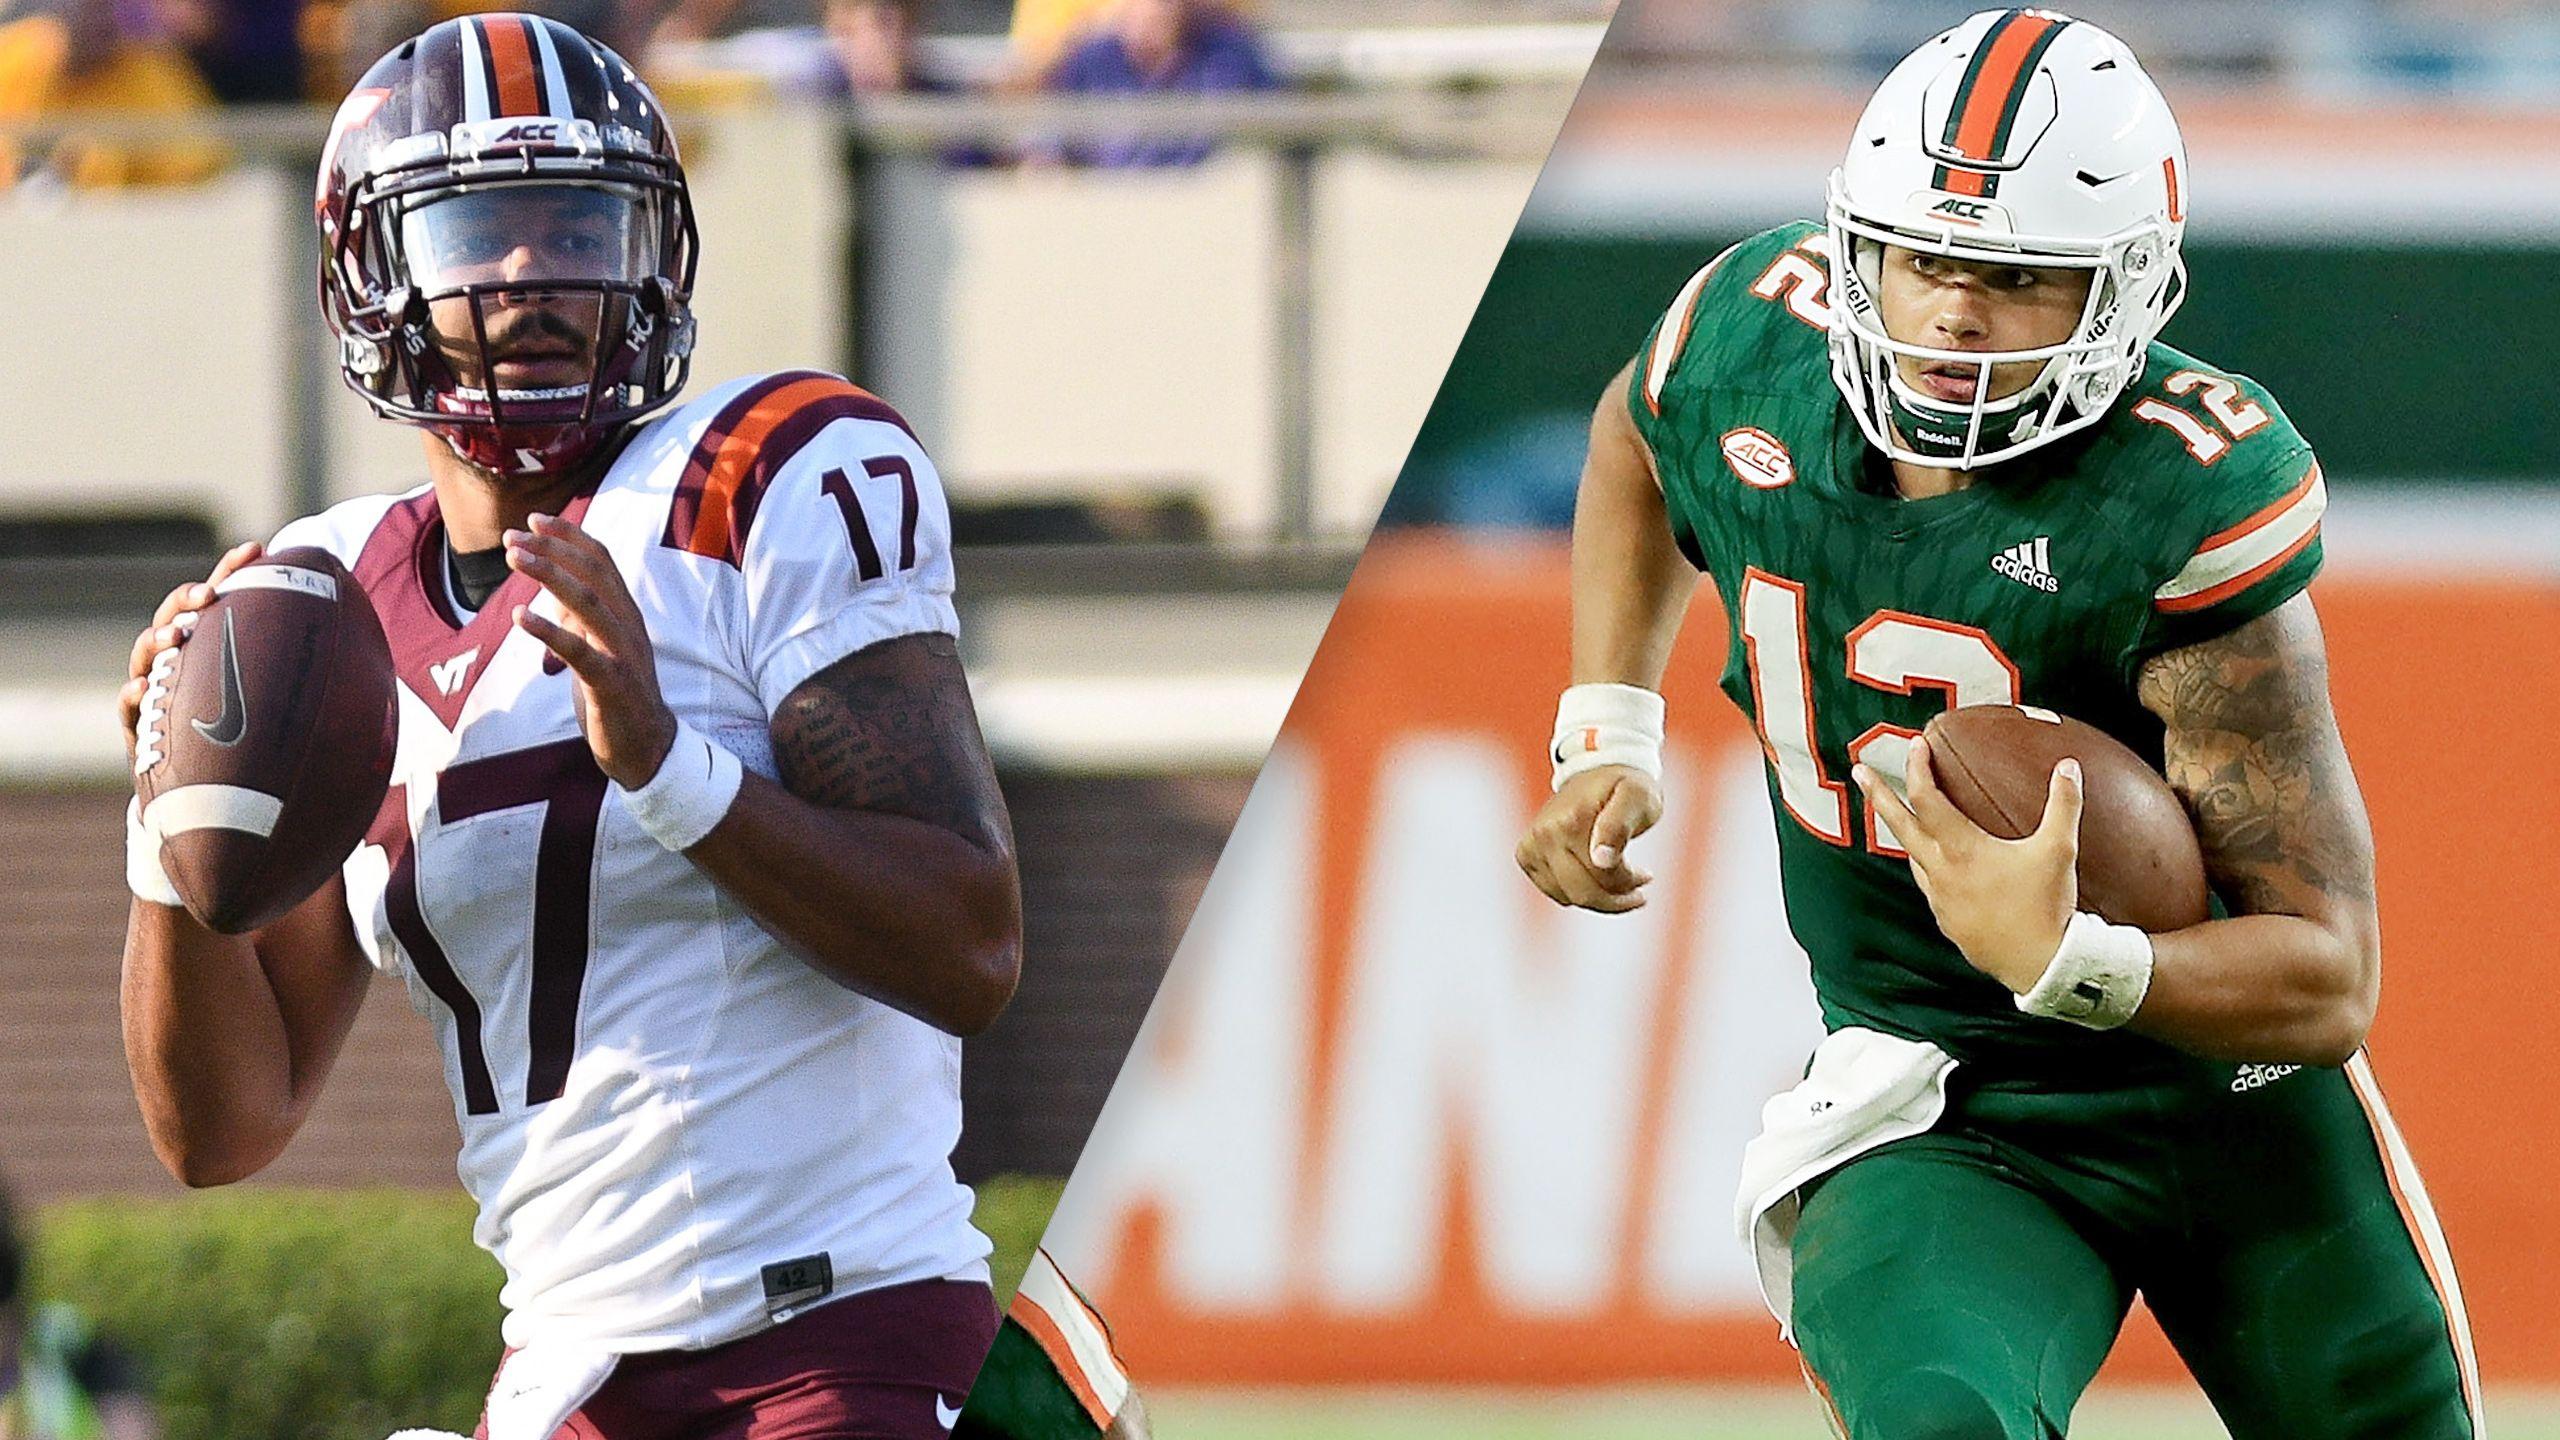 #13 Virginia Tech vs. #10 Miami (Football)